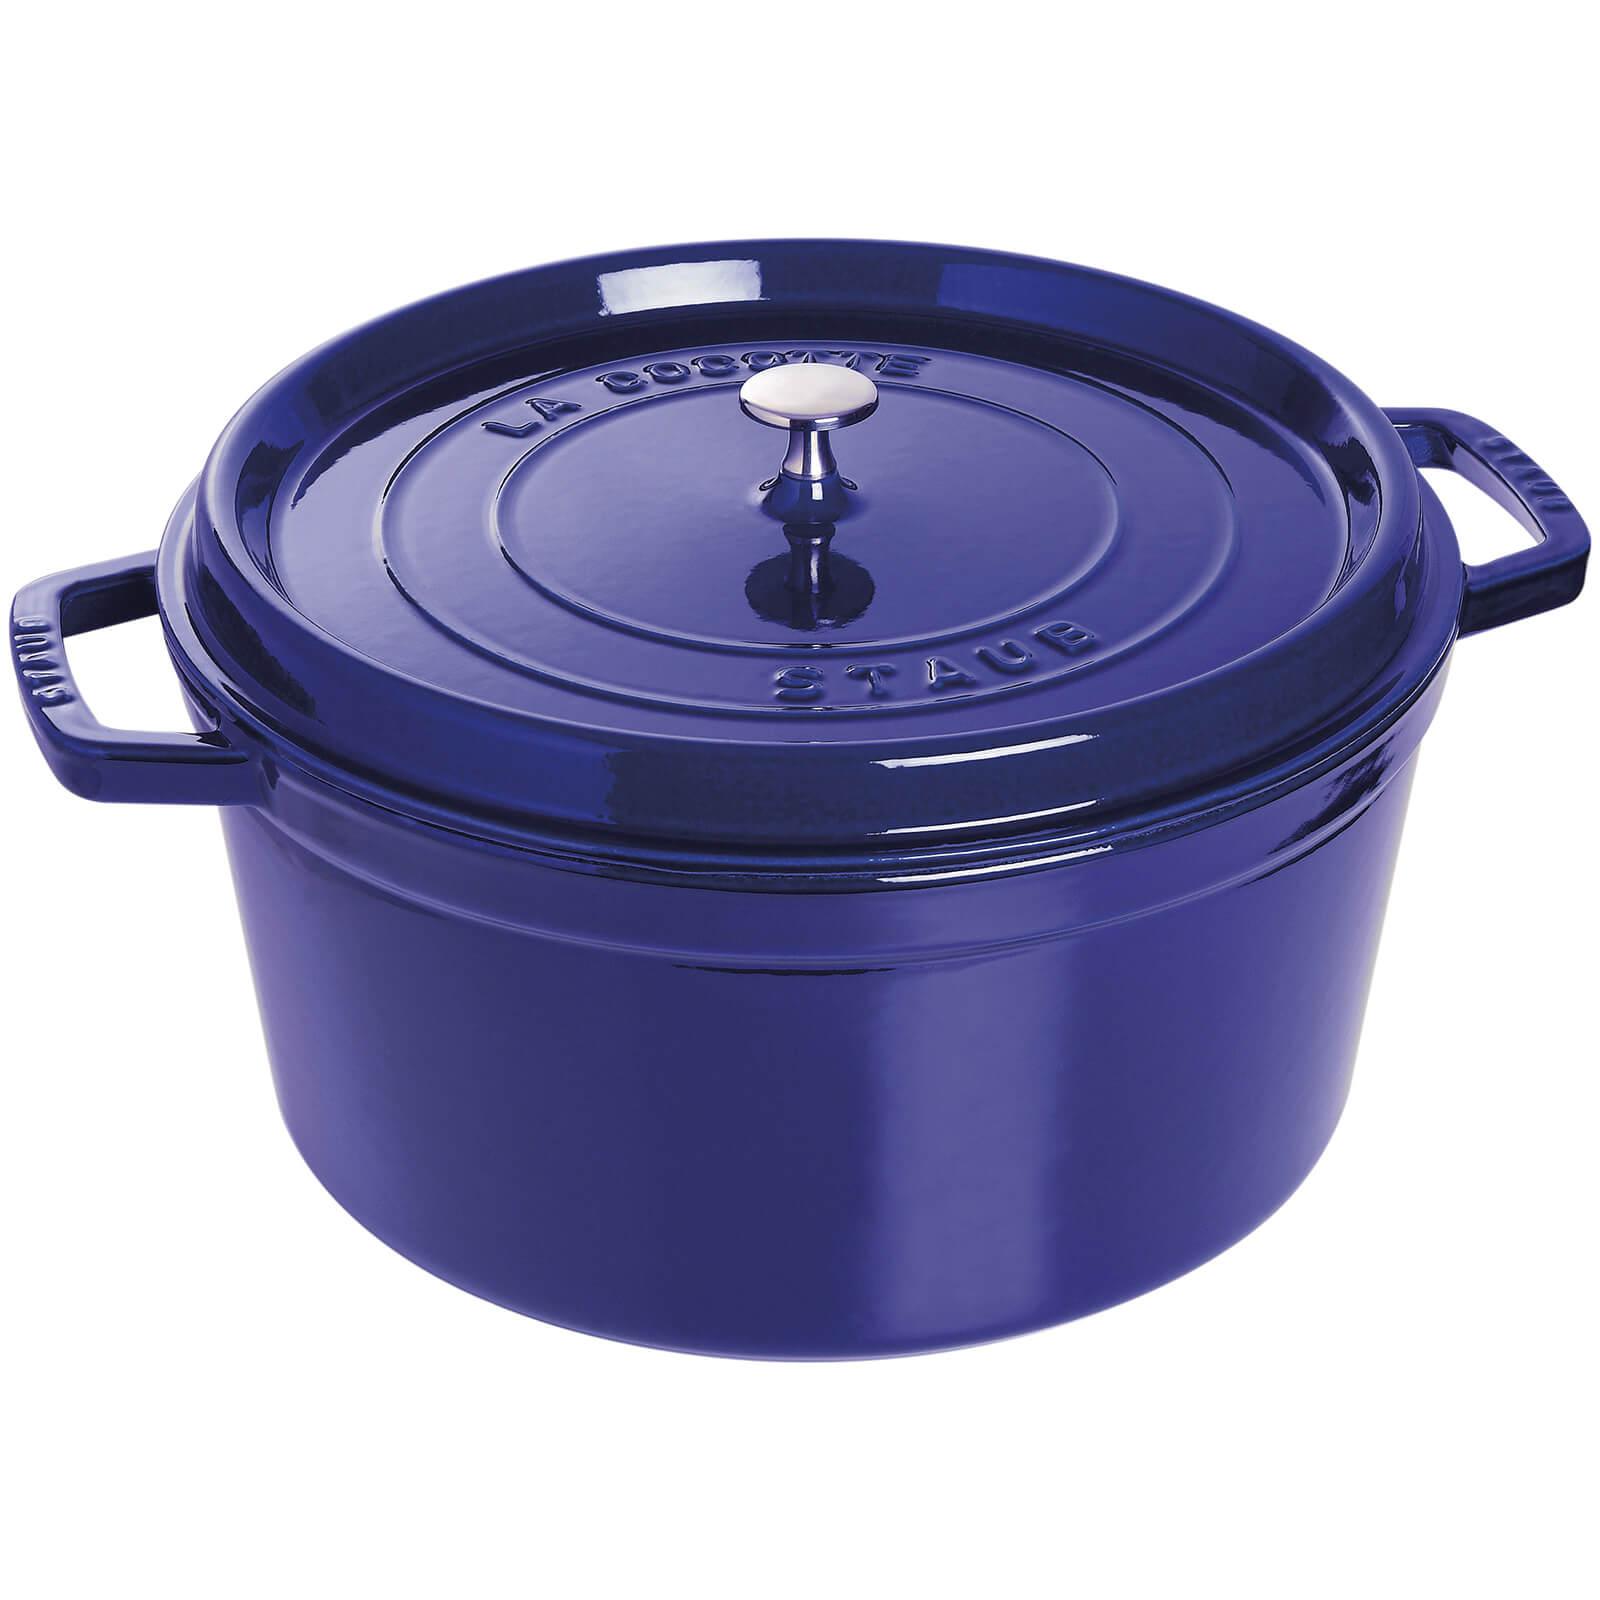 Staub Round Cocotte - Dark Blue - 28cm